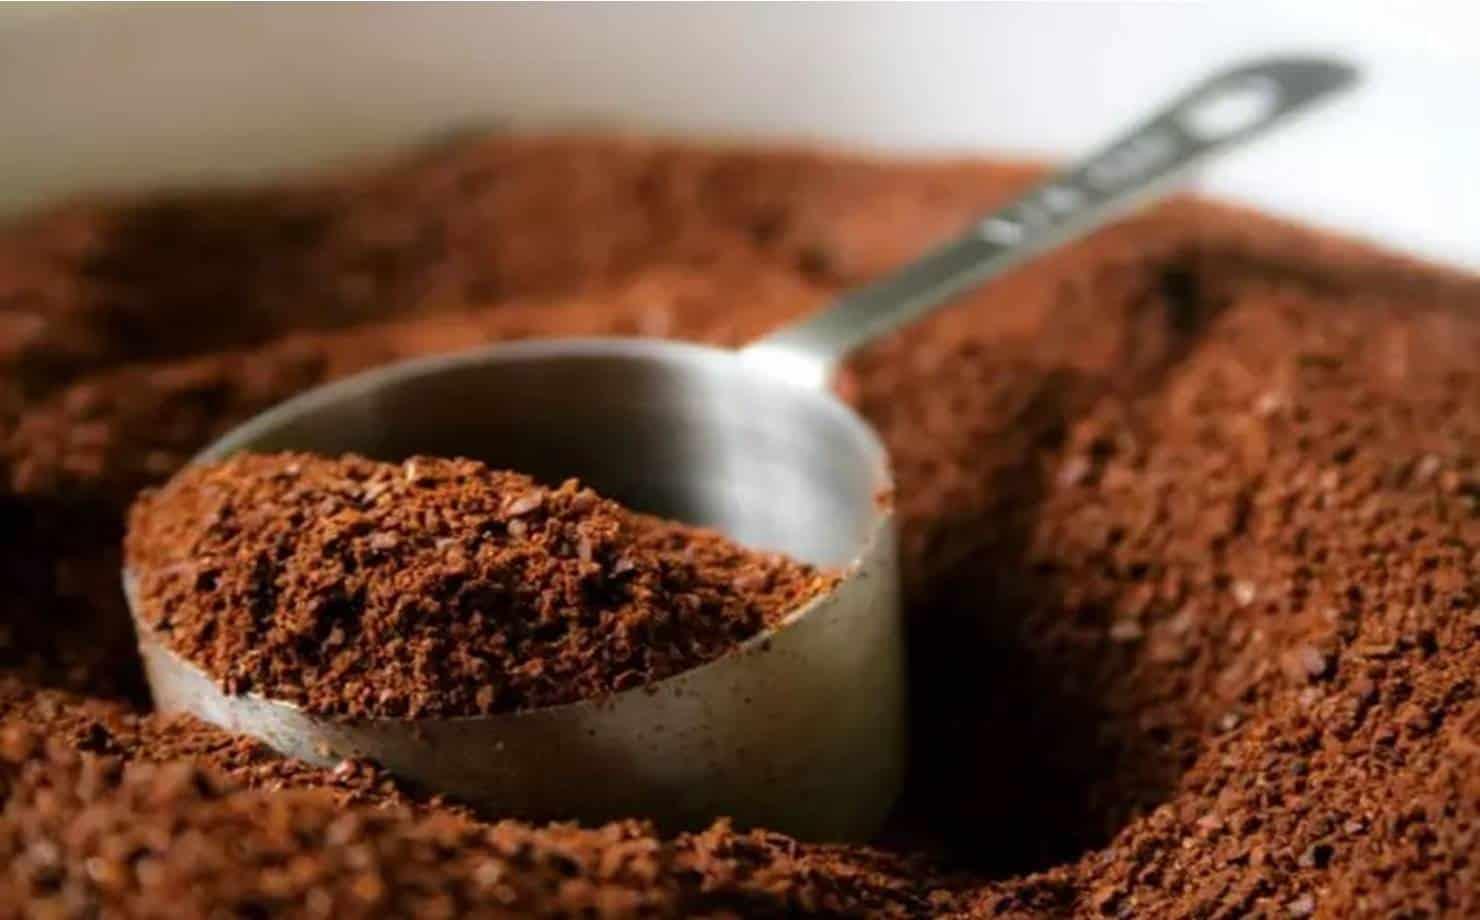 Receitas caseiras com café para cuidar da pele e ficar linda